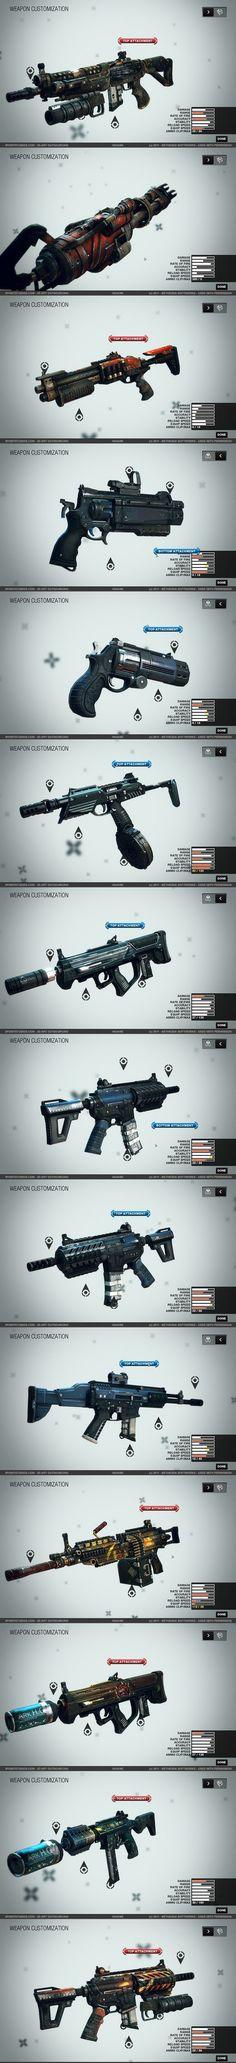 游戏素材 资源 图标ICON 机械风格 武器枪械设定参考 战争原画